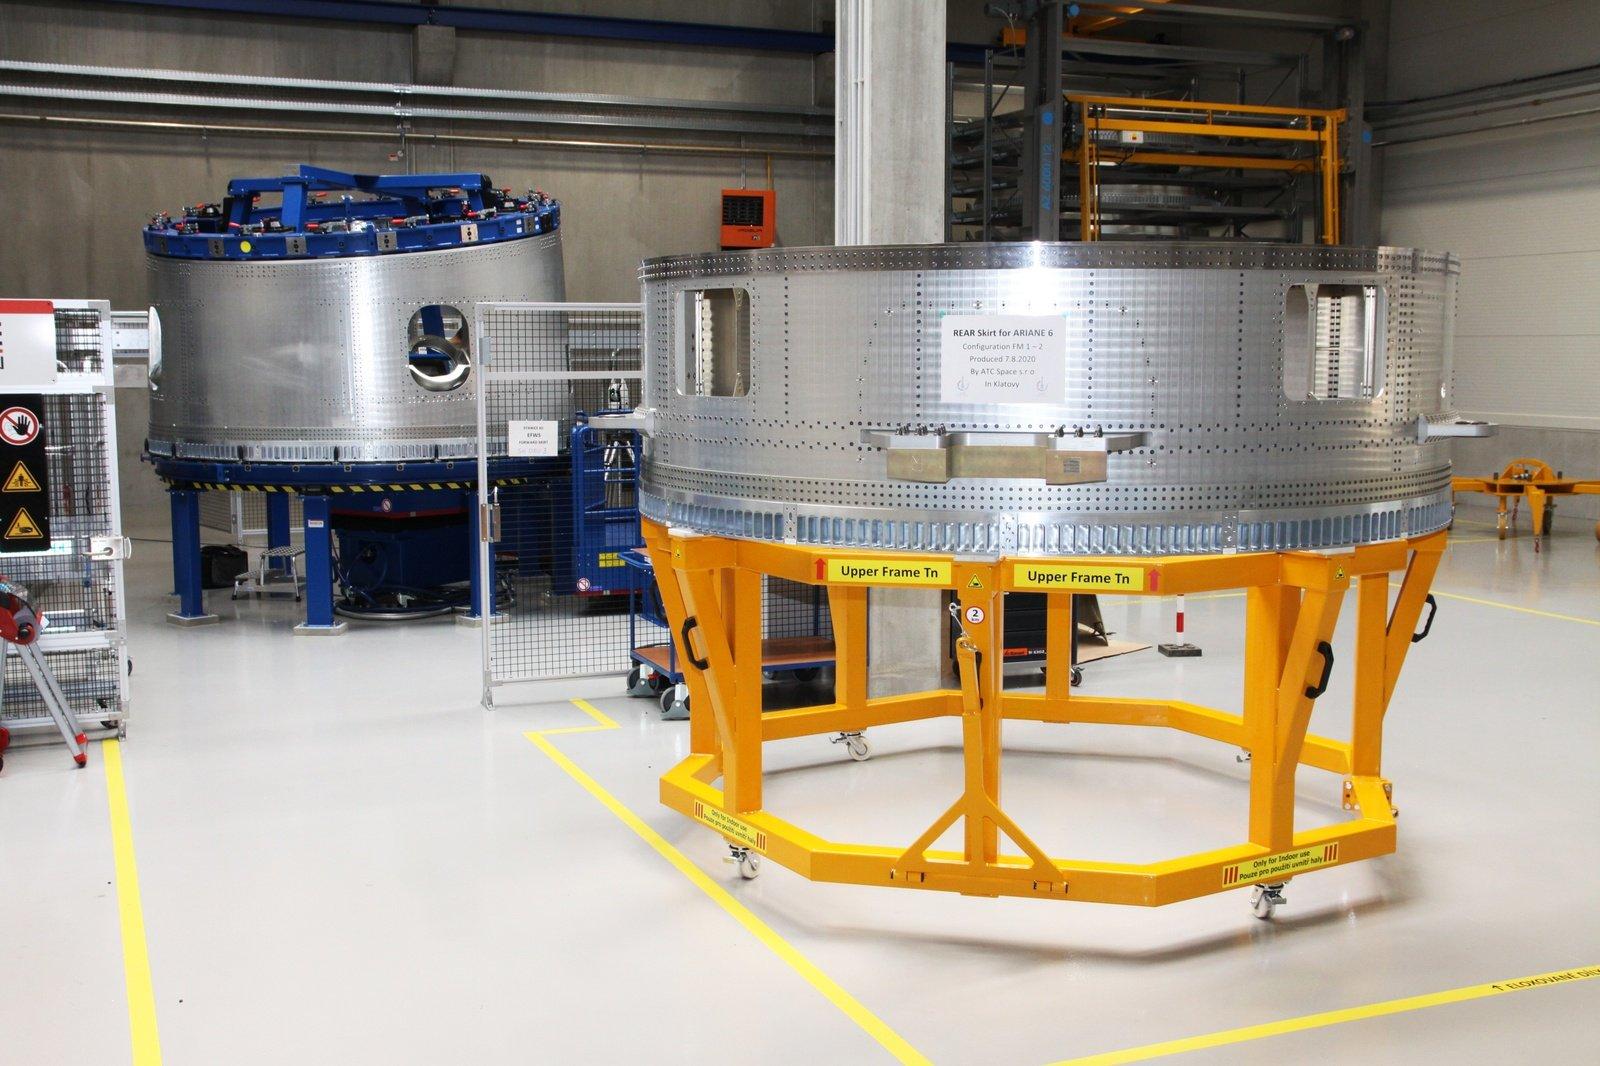 Poslední sada dílů pro první start nové evropské rakety Ariane 6 míří z ČR k finálnímu sestavení